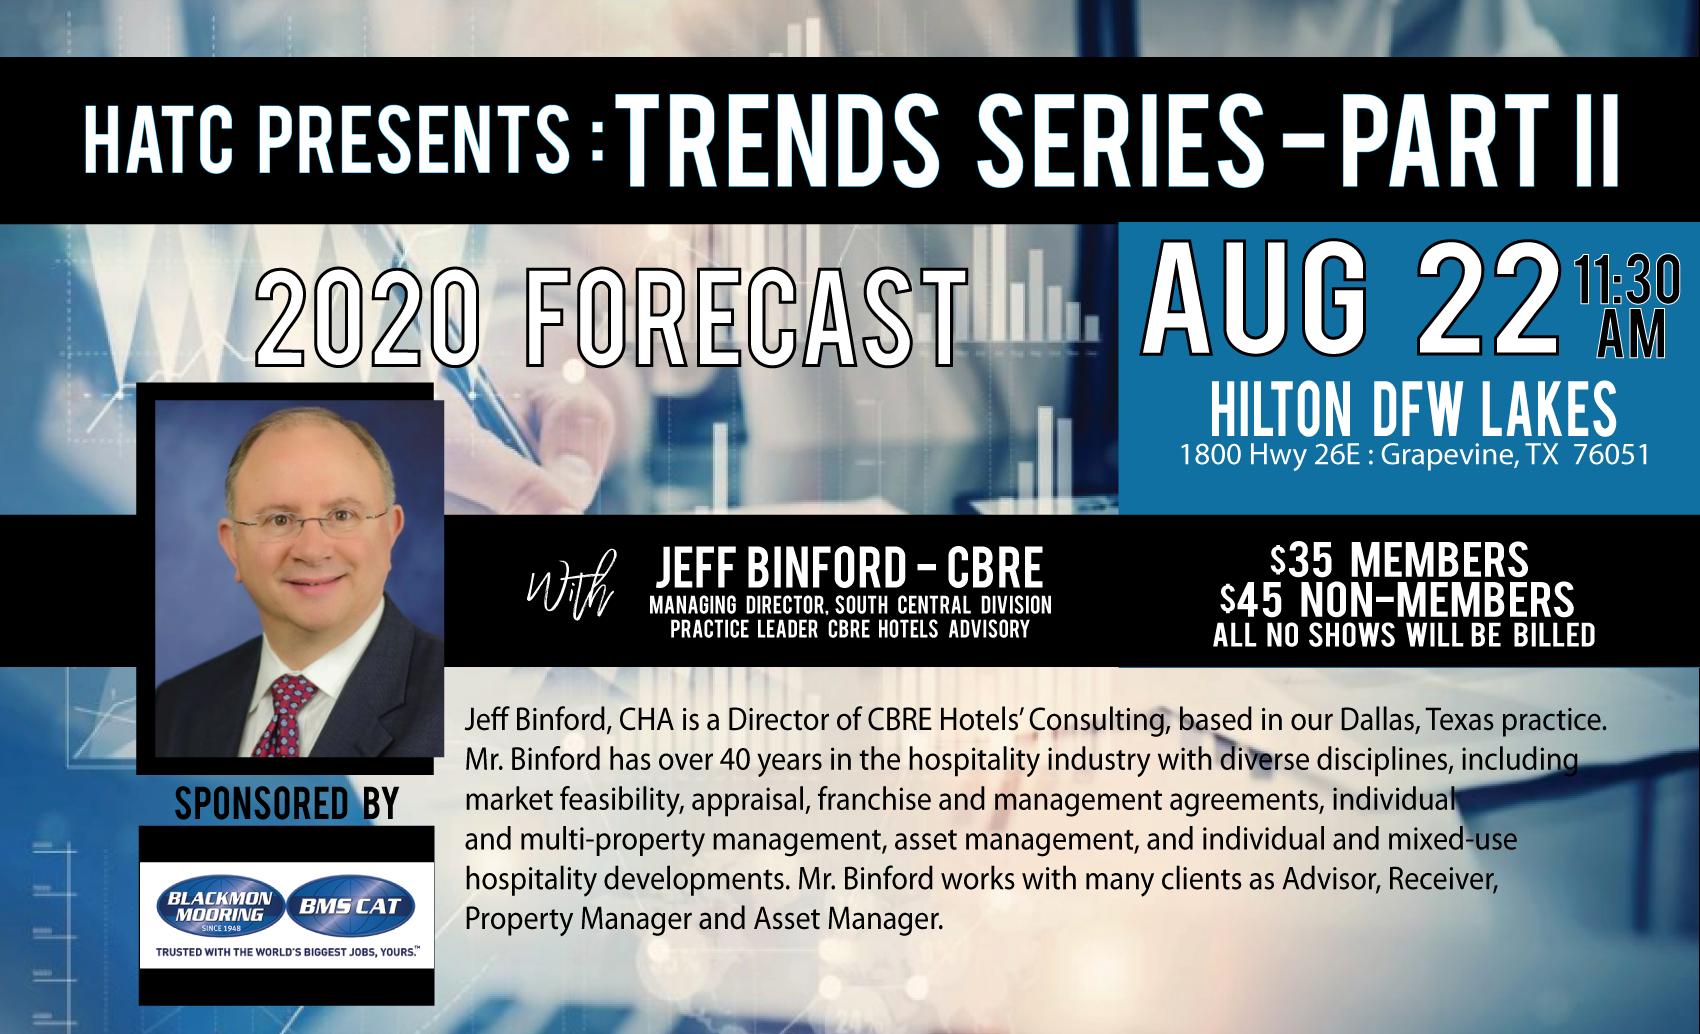 HATC August 2020 Trends Part II Meeting & Luncheon